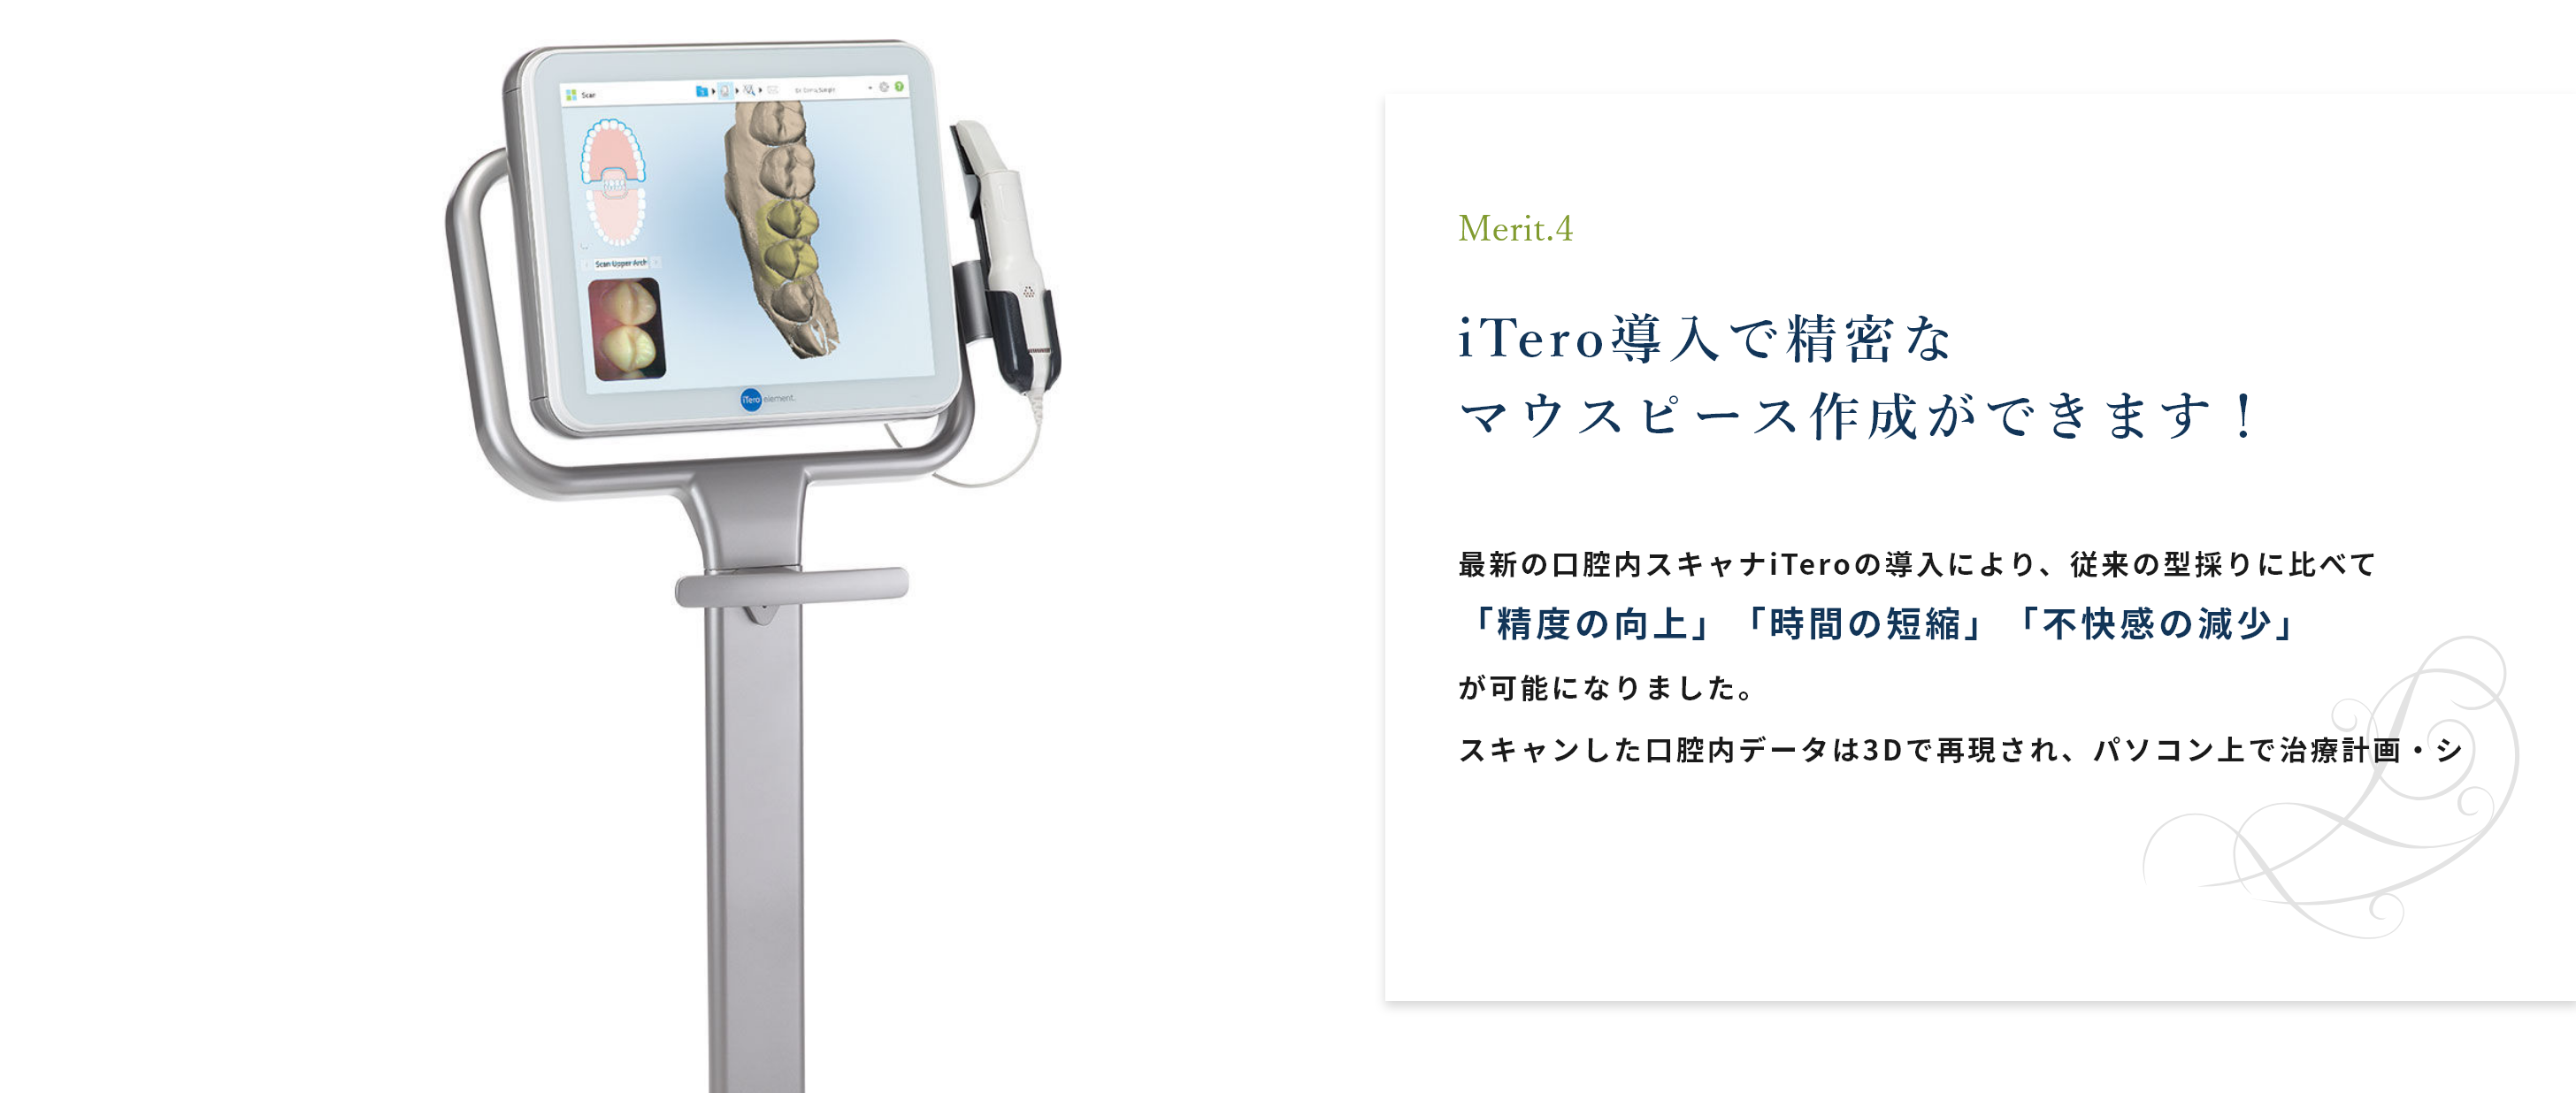 iTero導入で精密なマウスピース作成ができます!